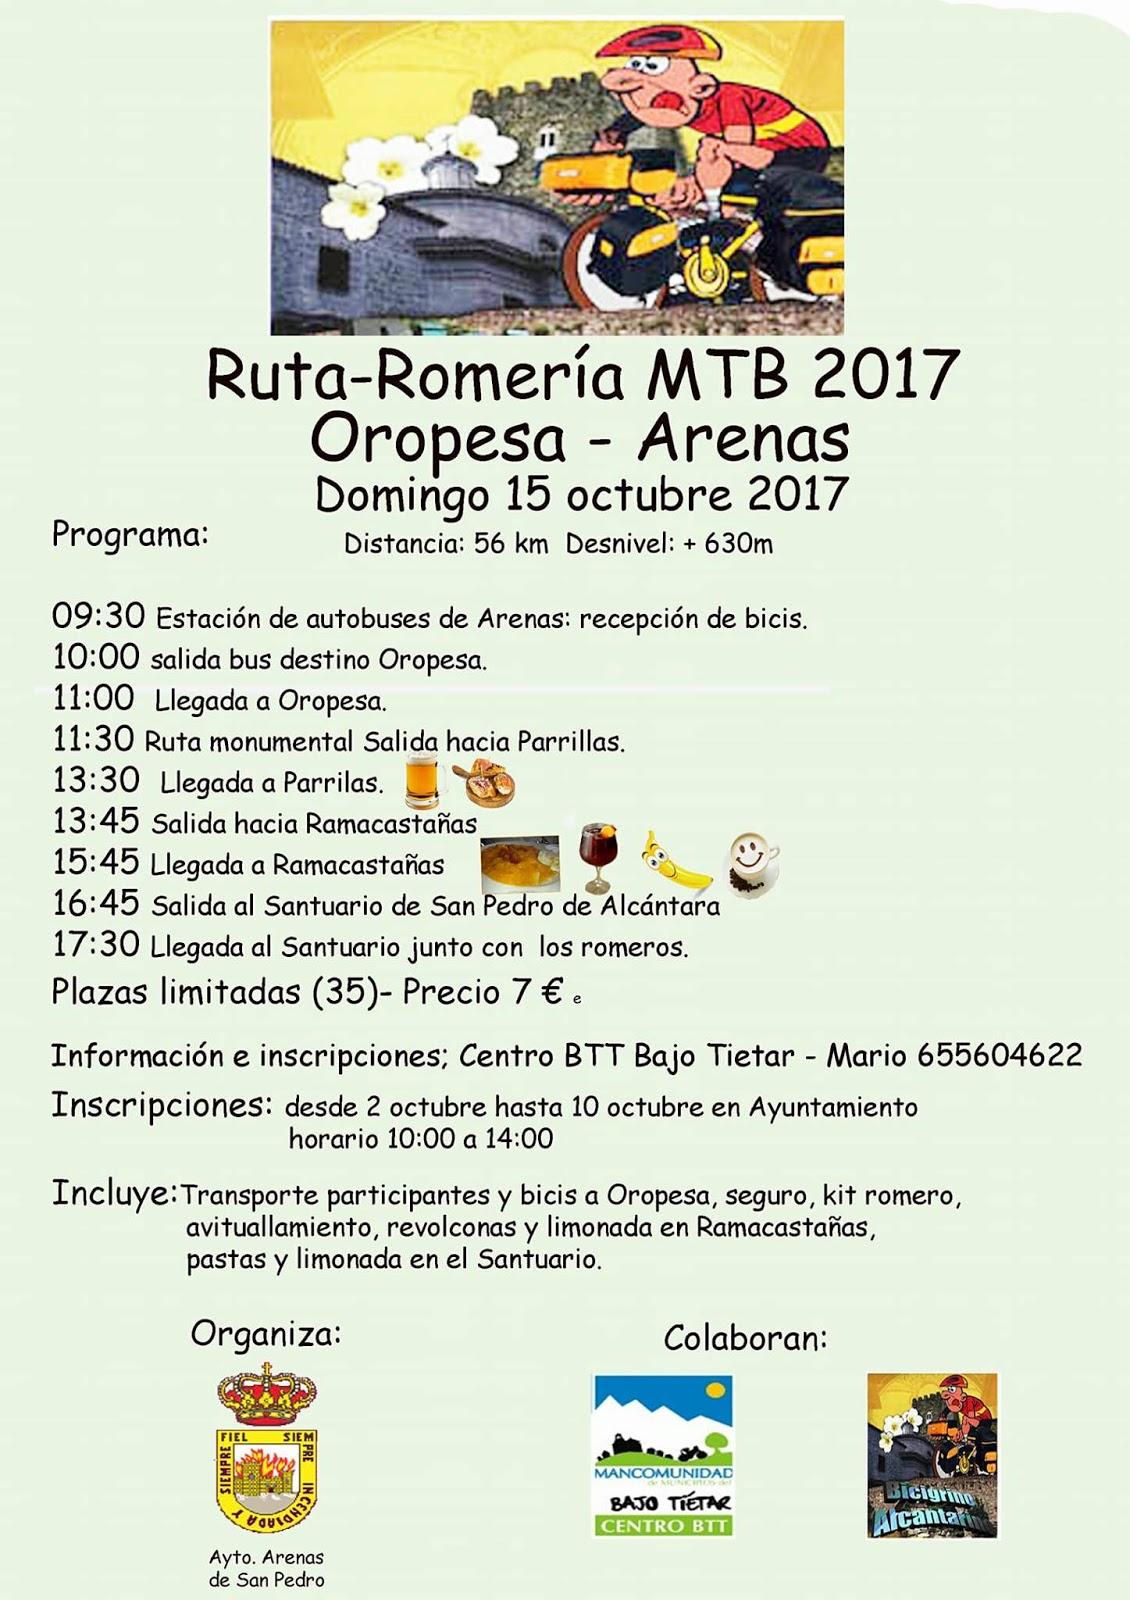 Romería MTB de San Pedro de Alcántara en Arenas de San Pedro - TiétarTeVe